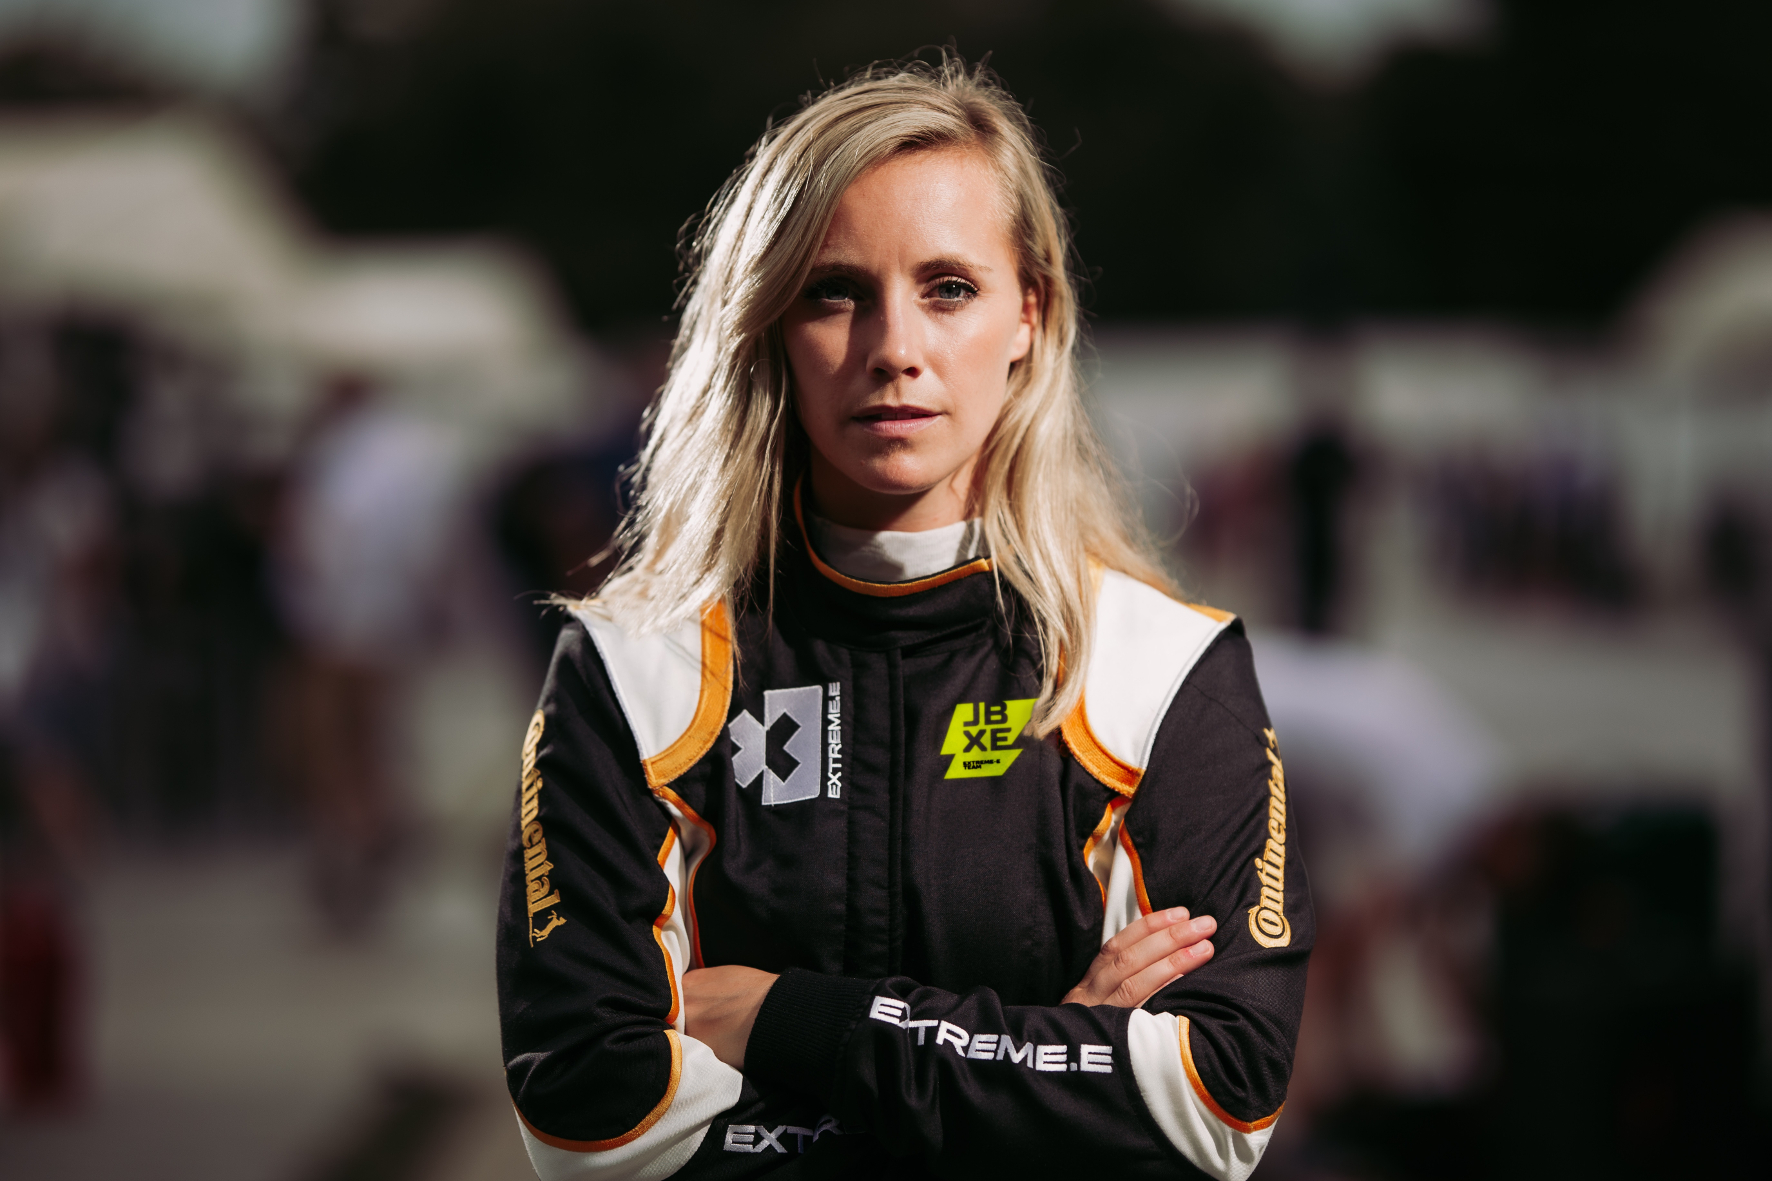 Die schwedische Rennfahrerin Mikaela Ahlin-Kottulinsky gibt extrem Gummi